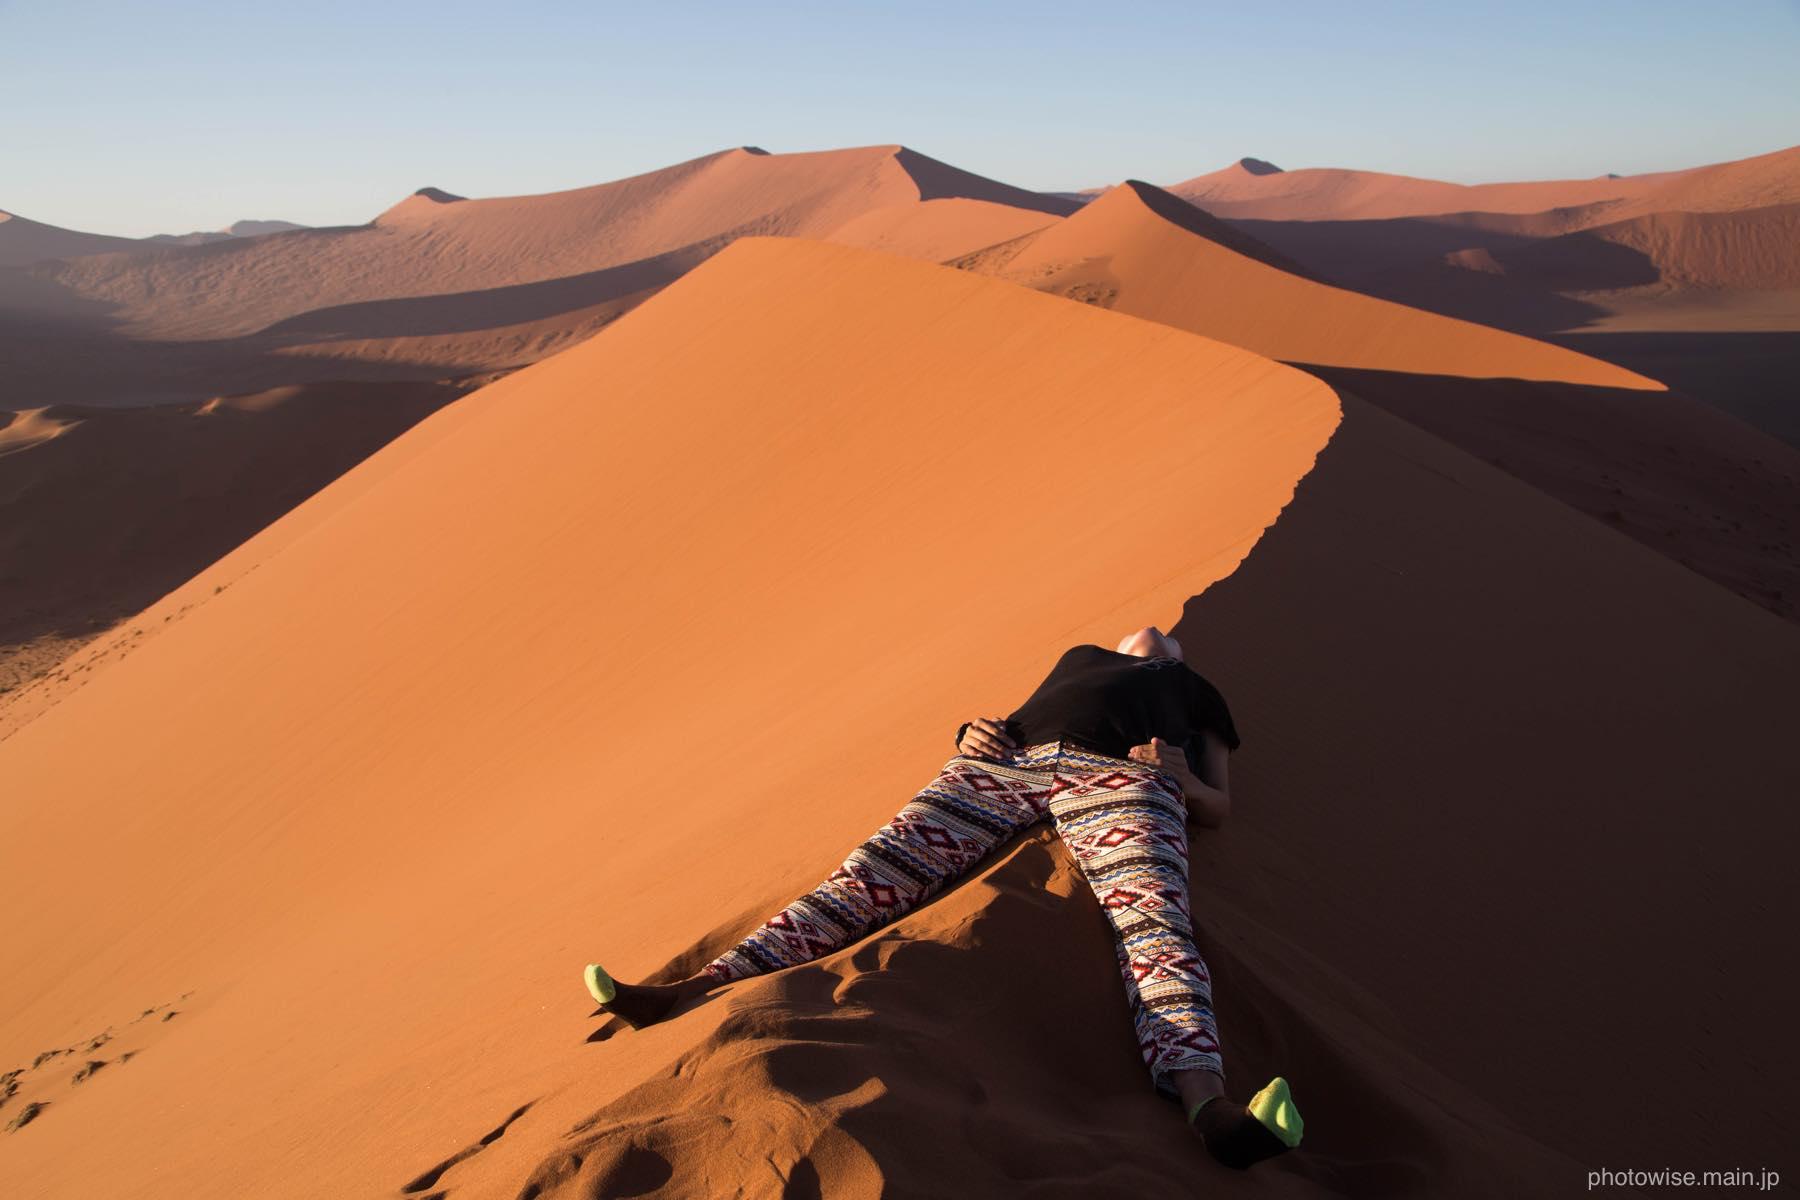 dune45で寝る